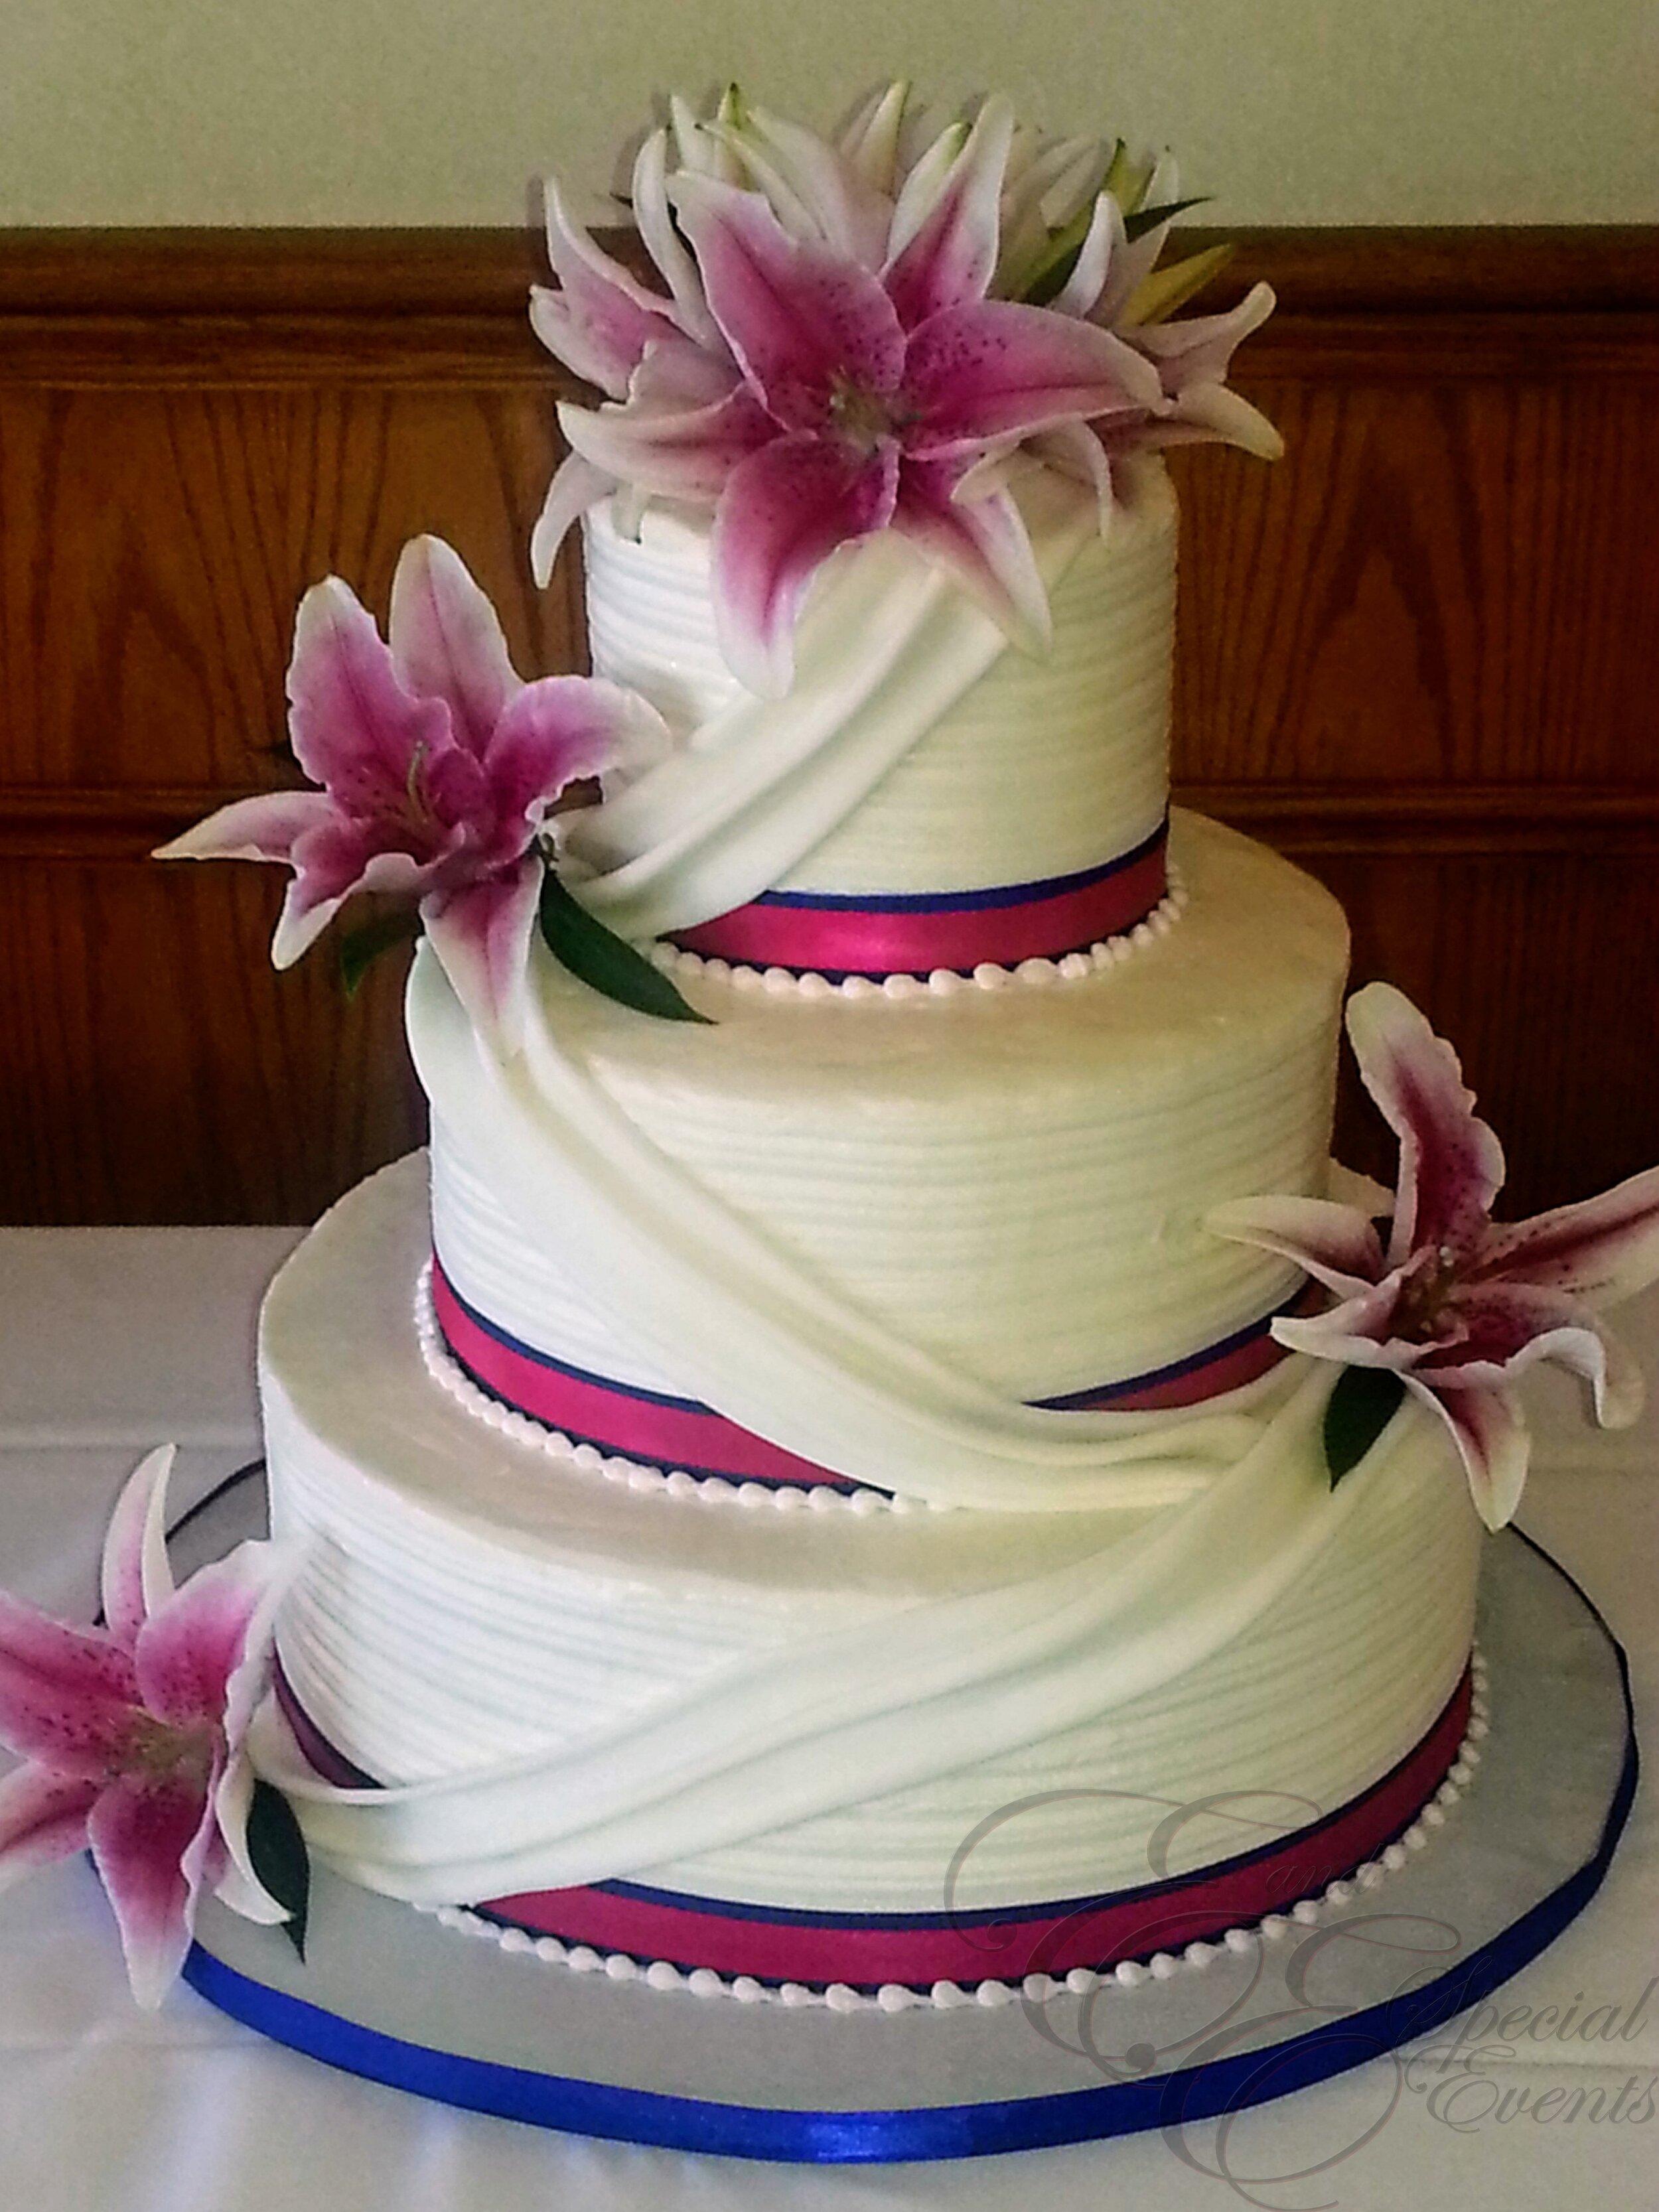 wedding_cakes_E_and_E_Special_Events_virginia_beach_14.jpg